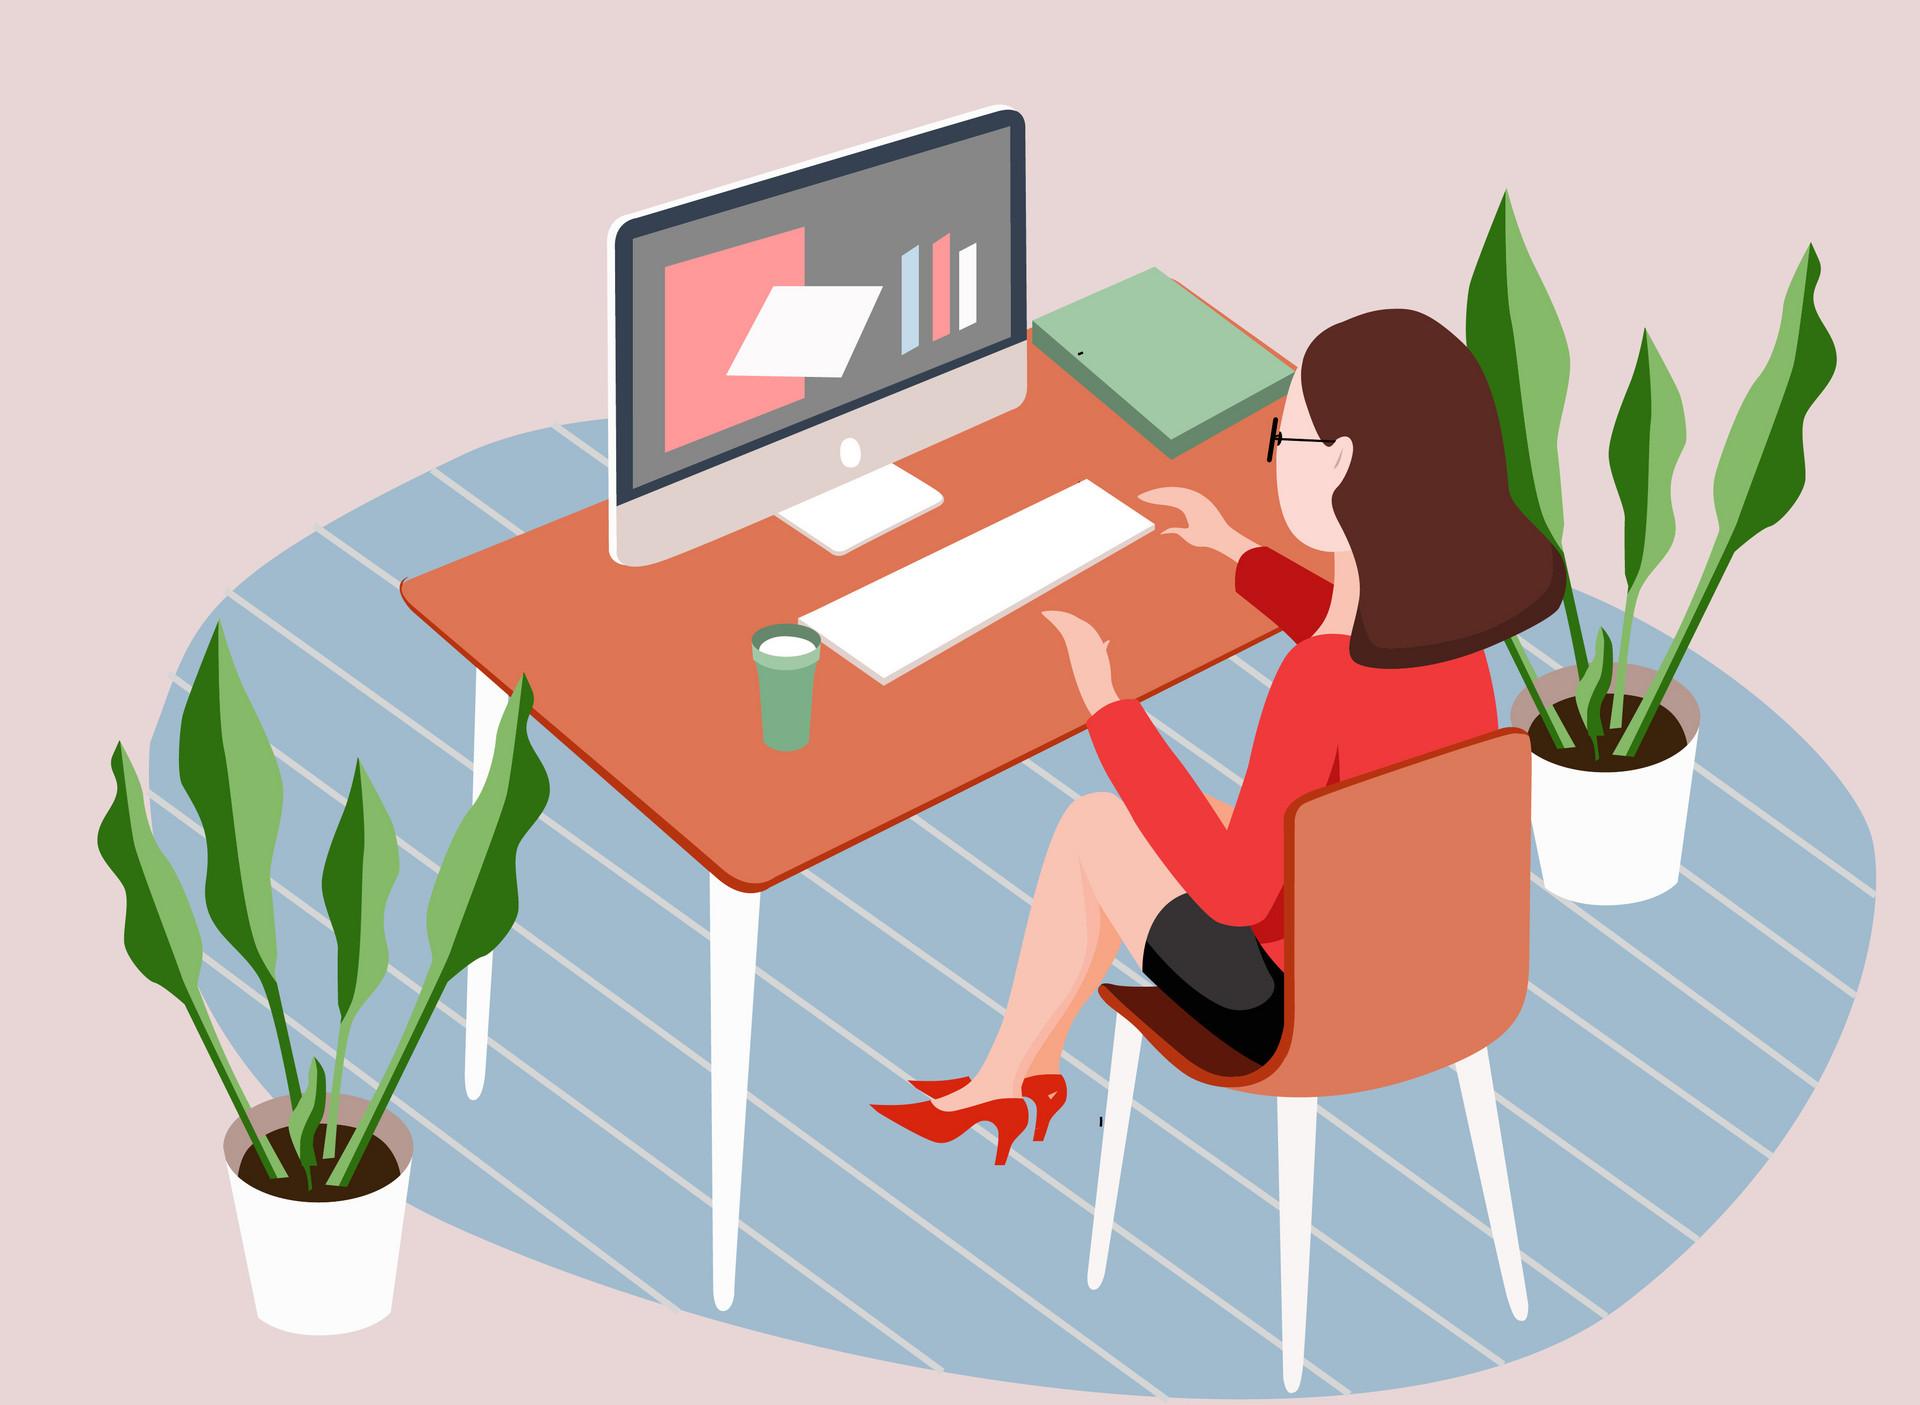 总部在杭州的企业怎么为分支机构员工缴纳社保?选择杭州社保代缴平台真的很方便